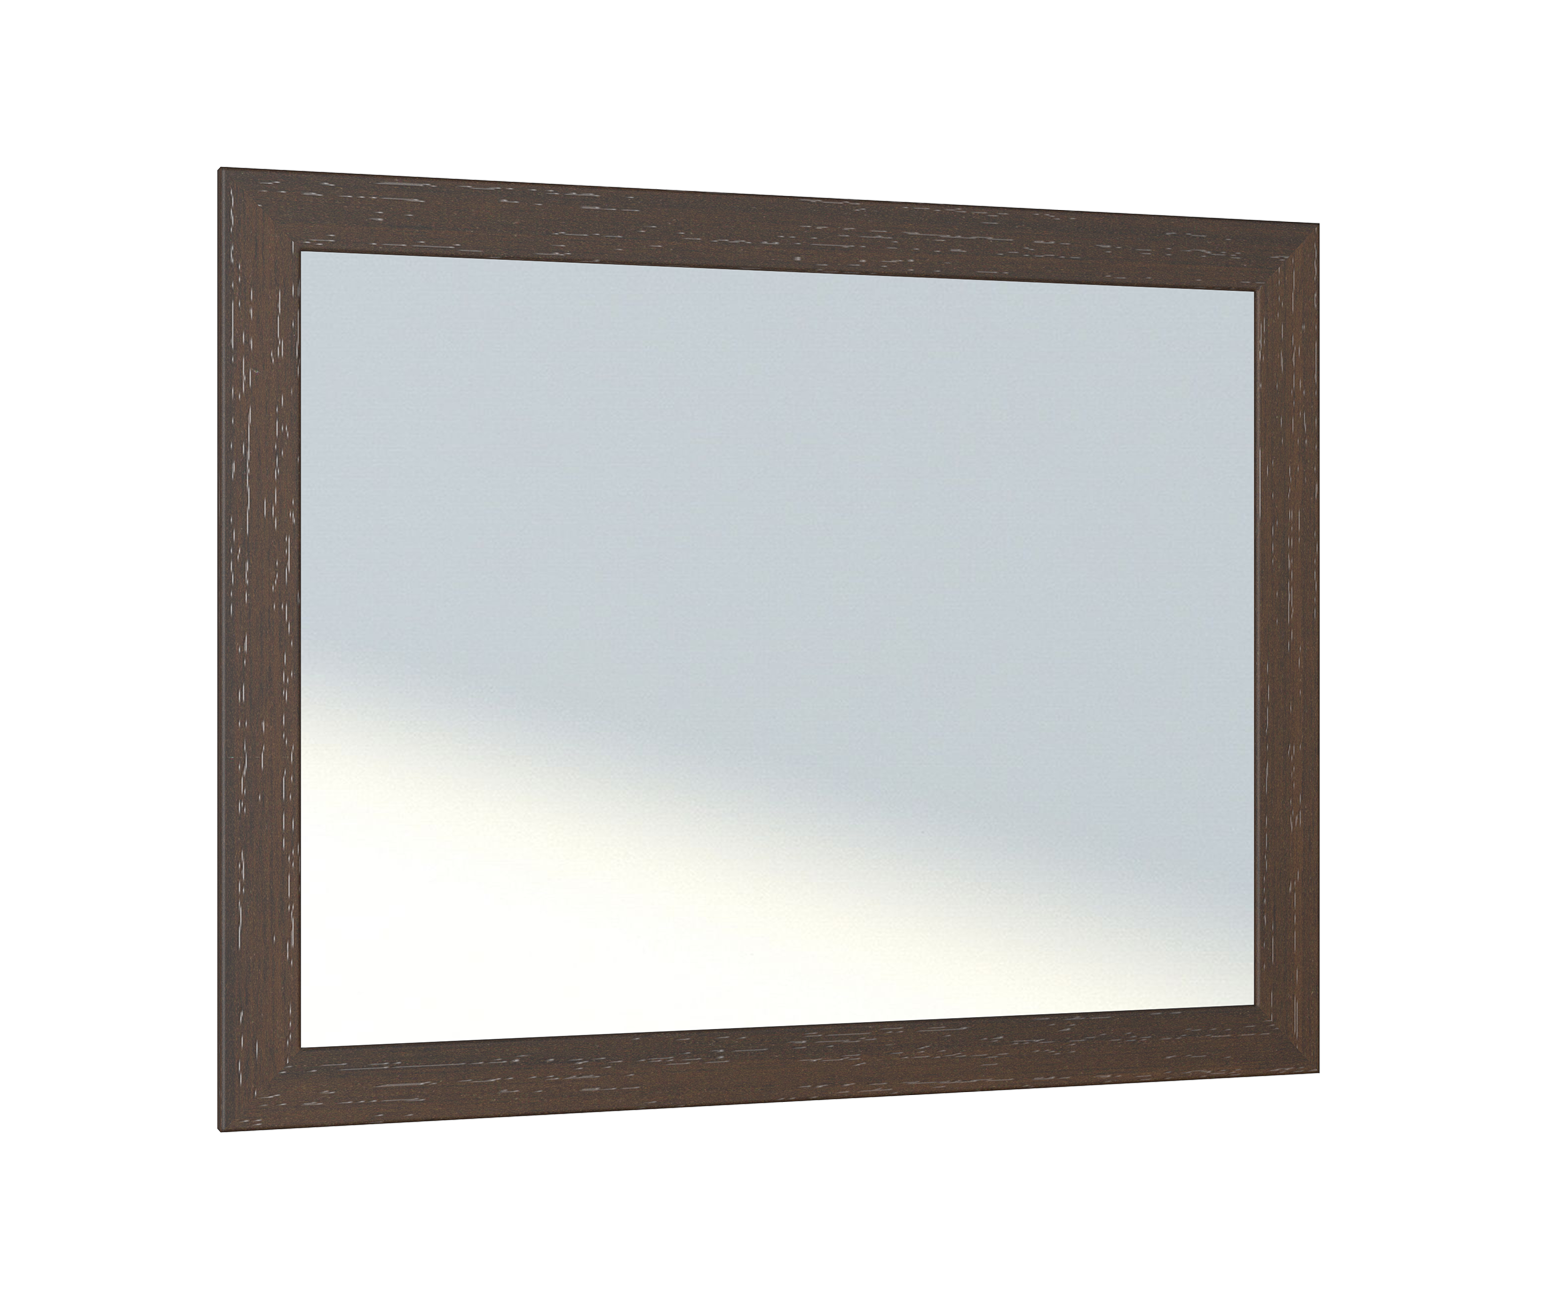 Зеркало Изабель ИЗ-5 компасс мебель изабель из 04